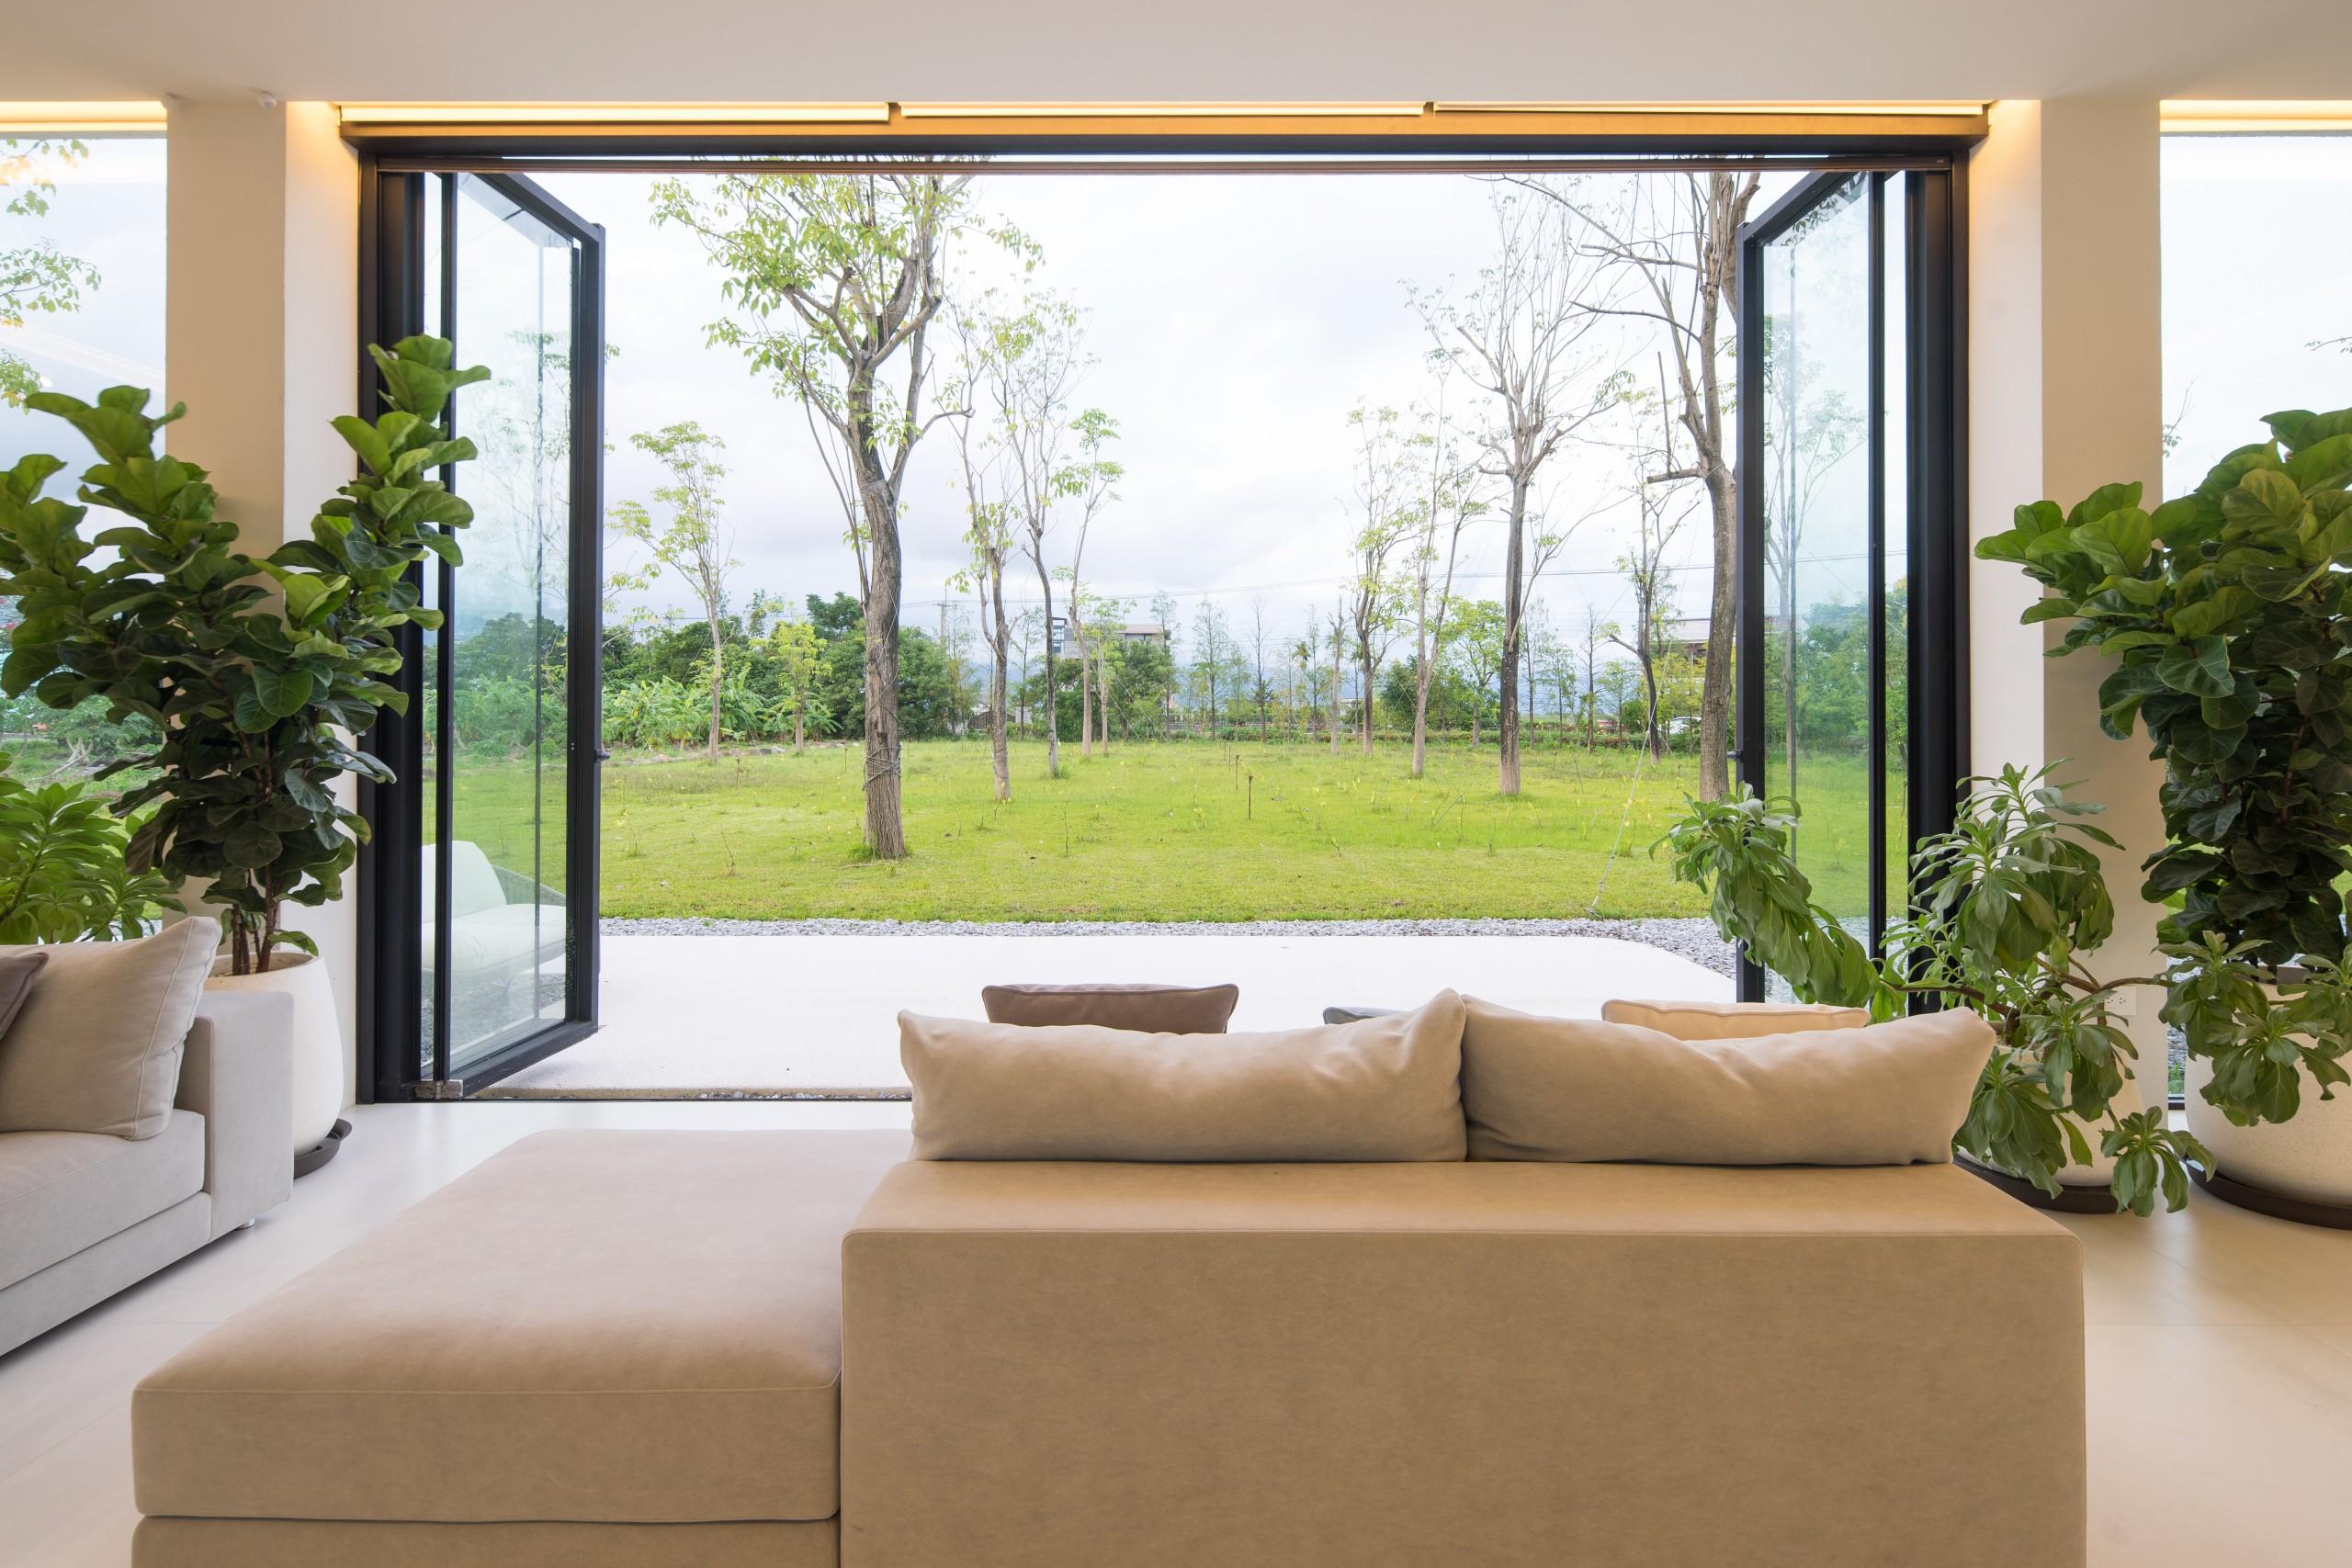 ©可以坐在彈性組合移動的沙發,享受沐浴在森林